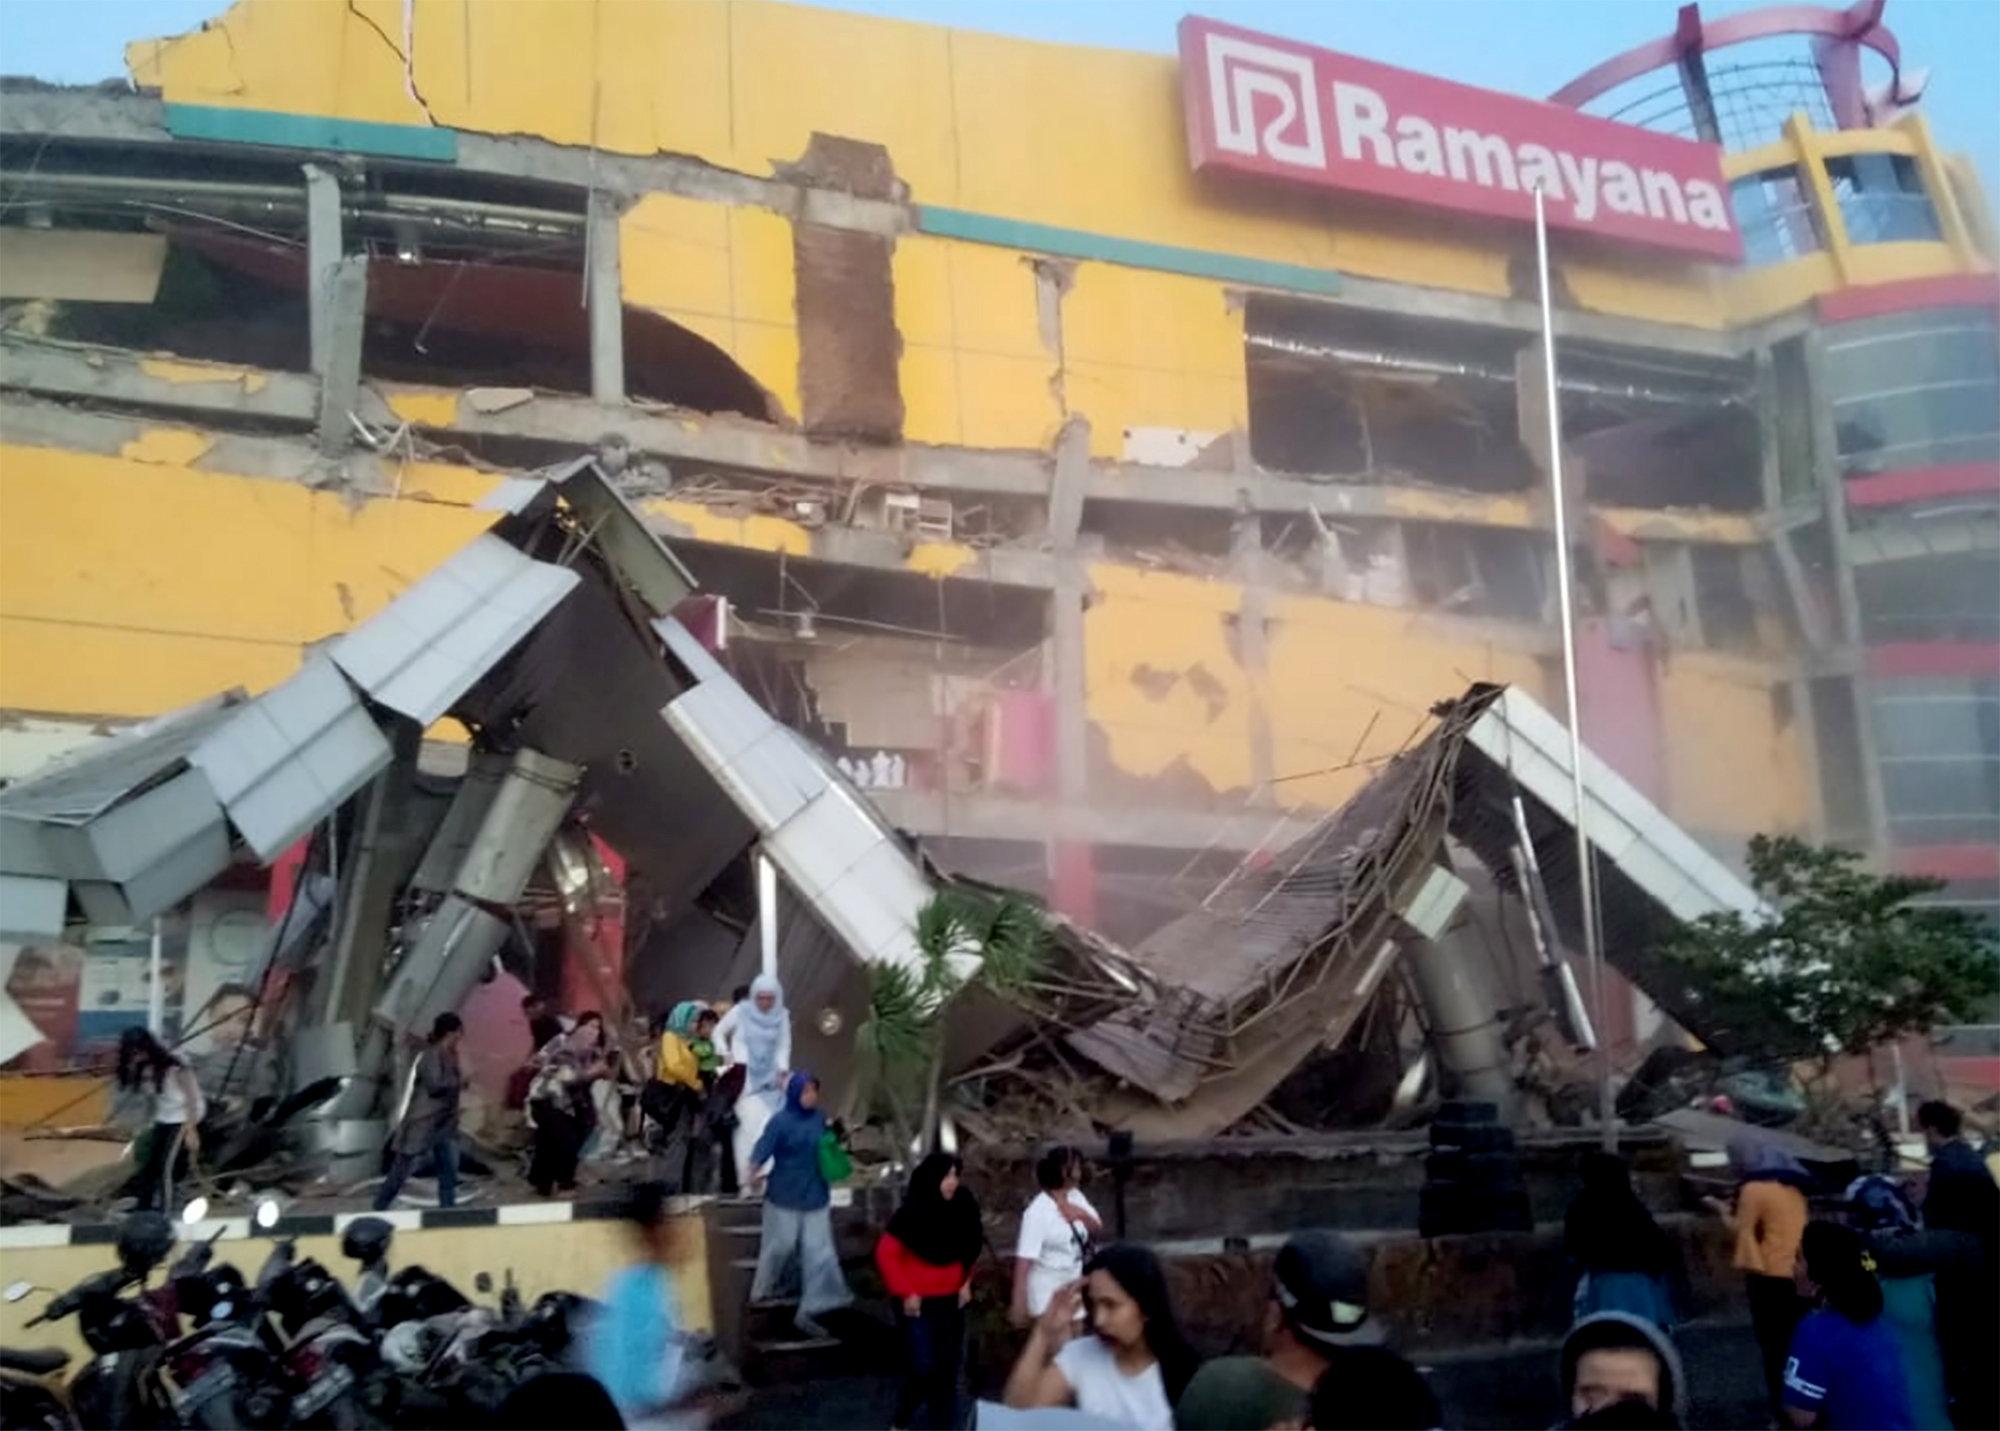 Vista de un edificio derrumbado tras un terremoto de magnitud 7,5 que sacudió la isla de Célebes, situada en el norte de Indonesia, después de que, unas horas antes, otro seísmo de 6,1 grados provocase la muerte de una persona, 10 heridos y el derrumbe de varios edificios en la misma zona.